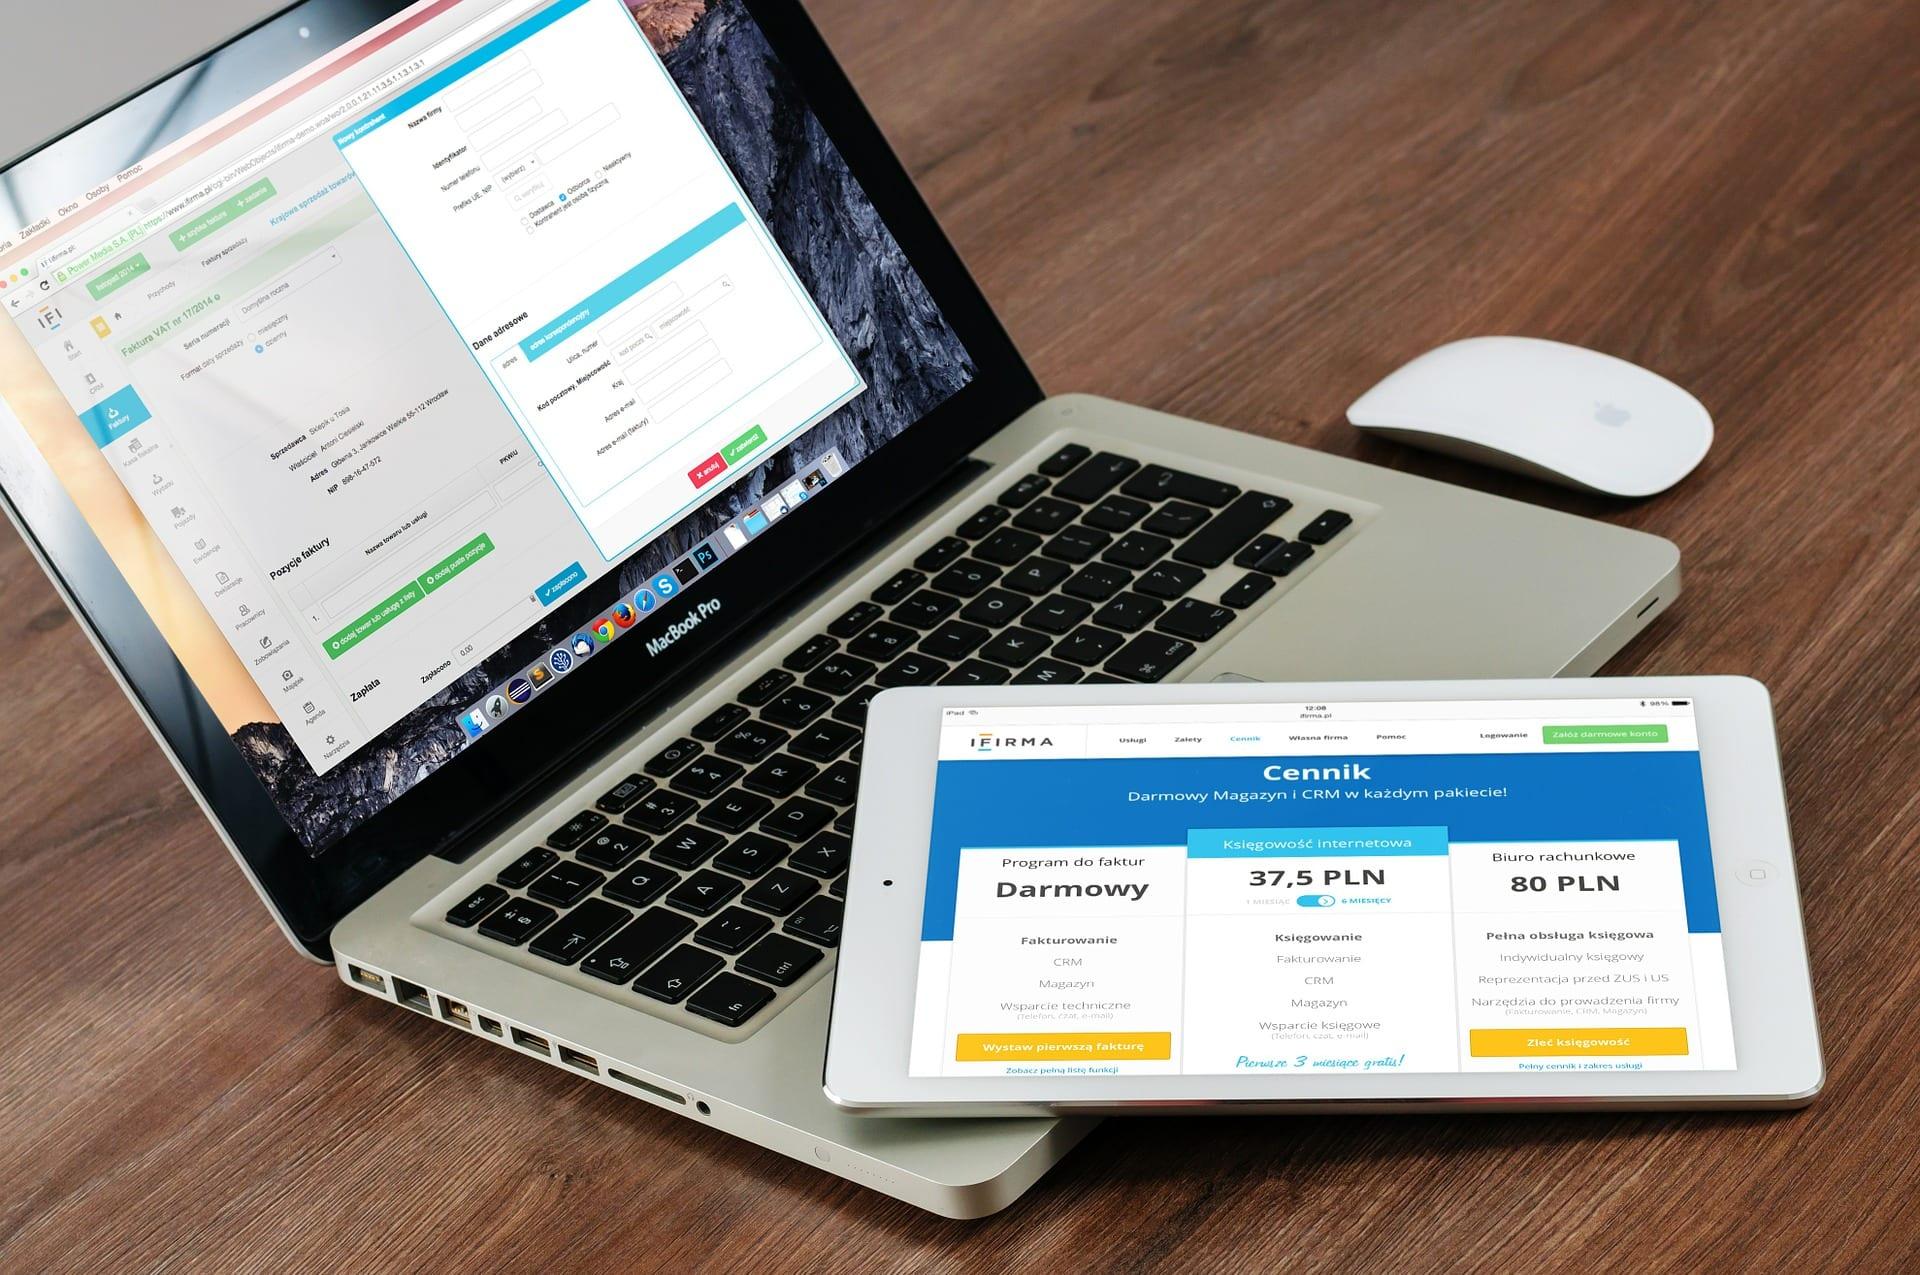 perbedaan landing page dan website